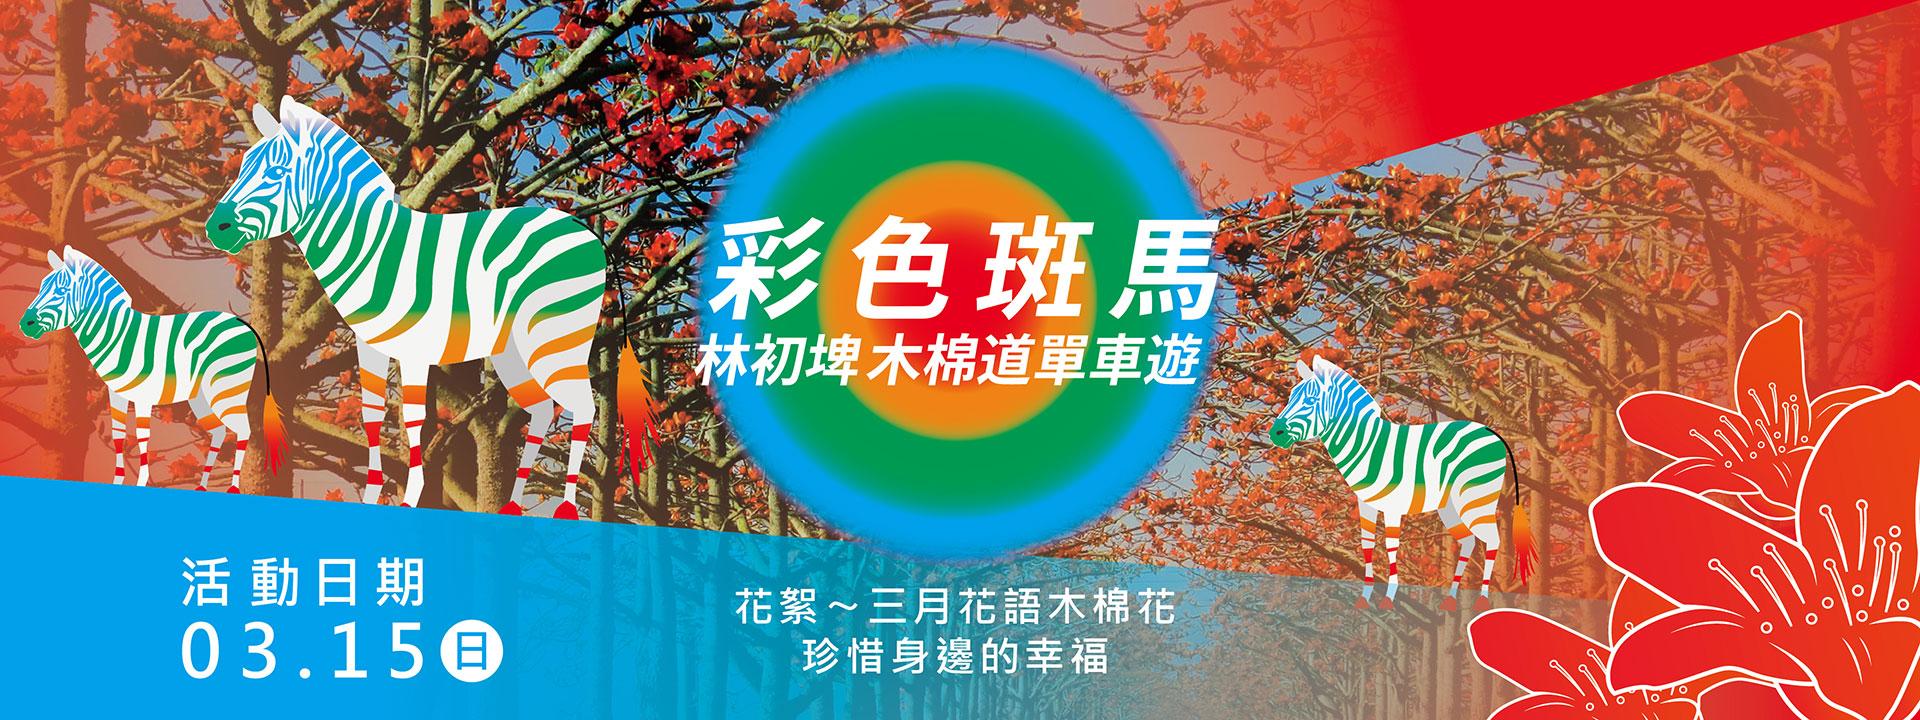 彩色斑馬〜林初埤木棉道單車遊